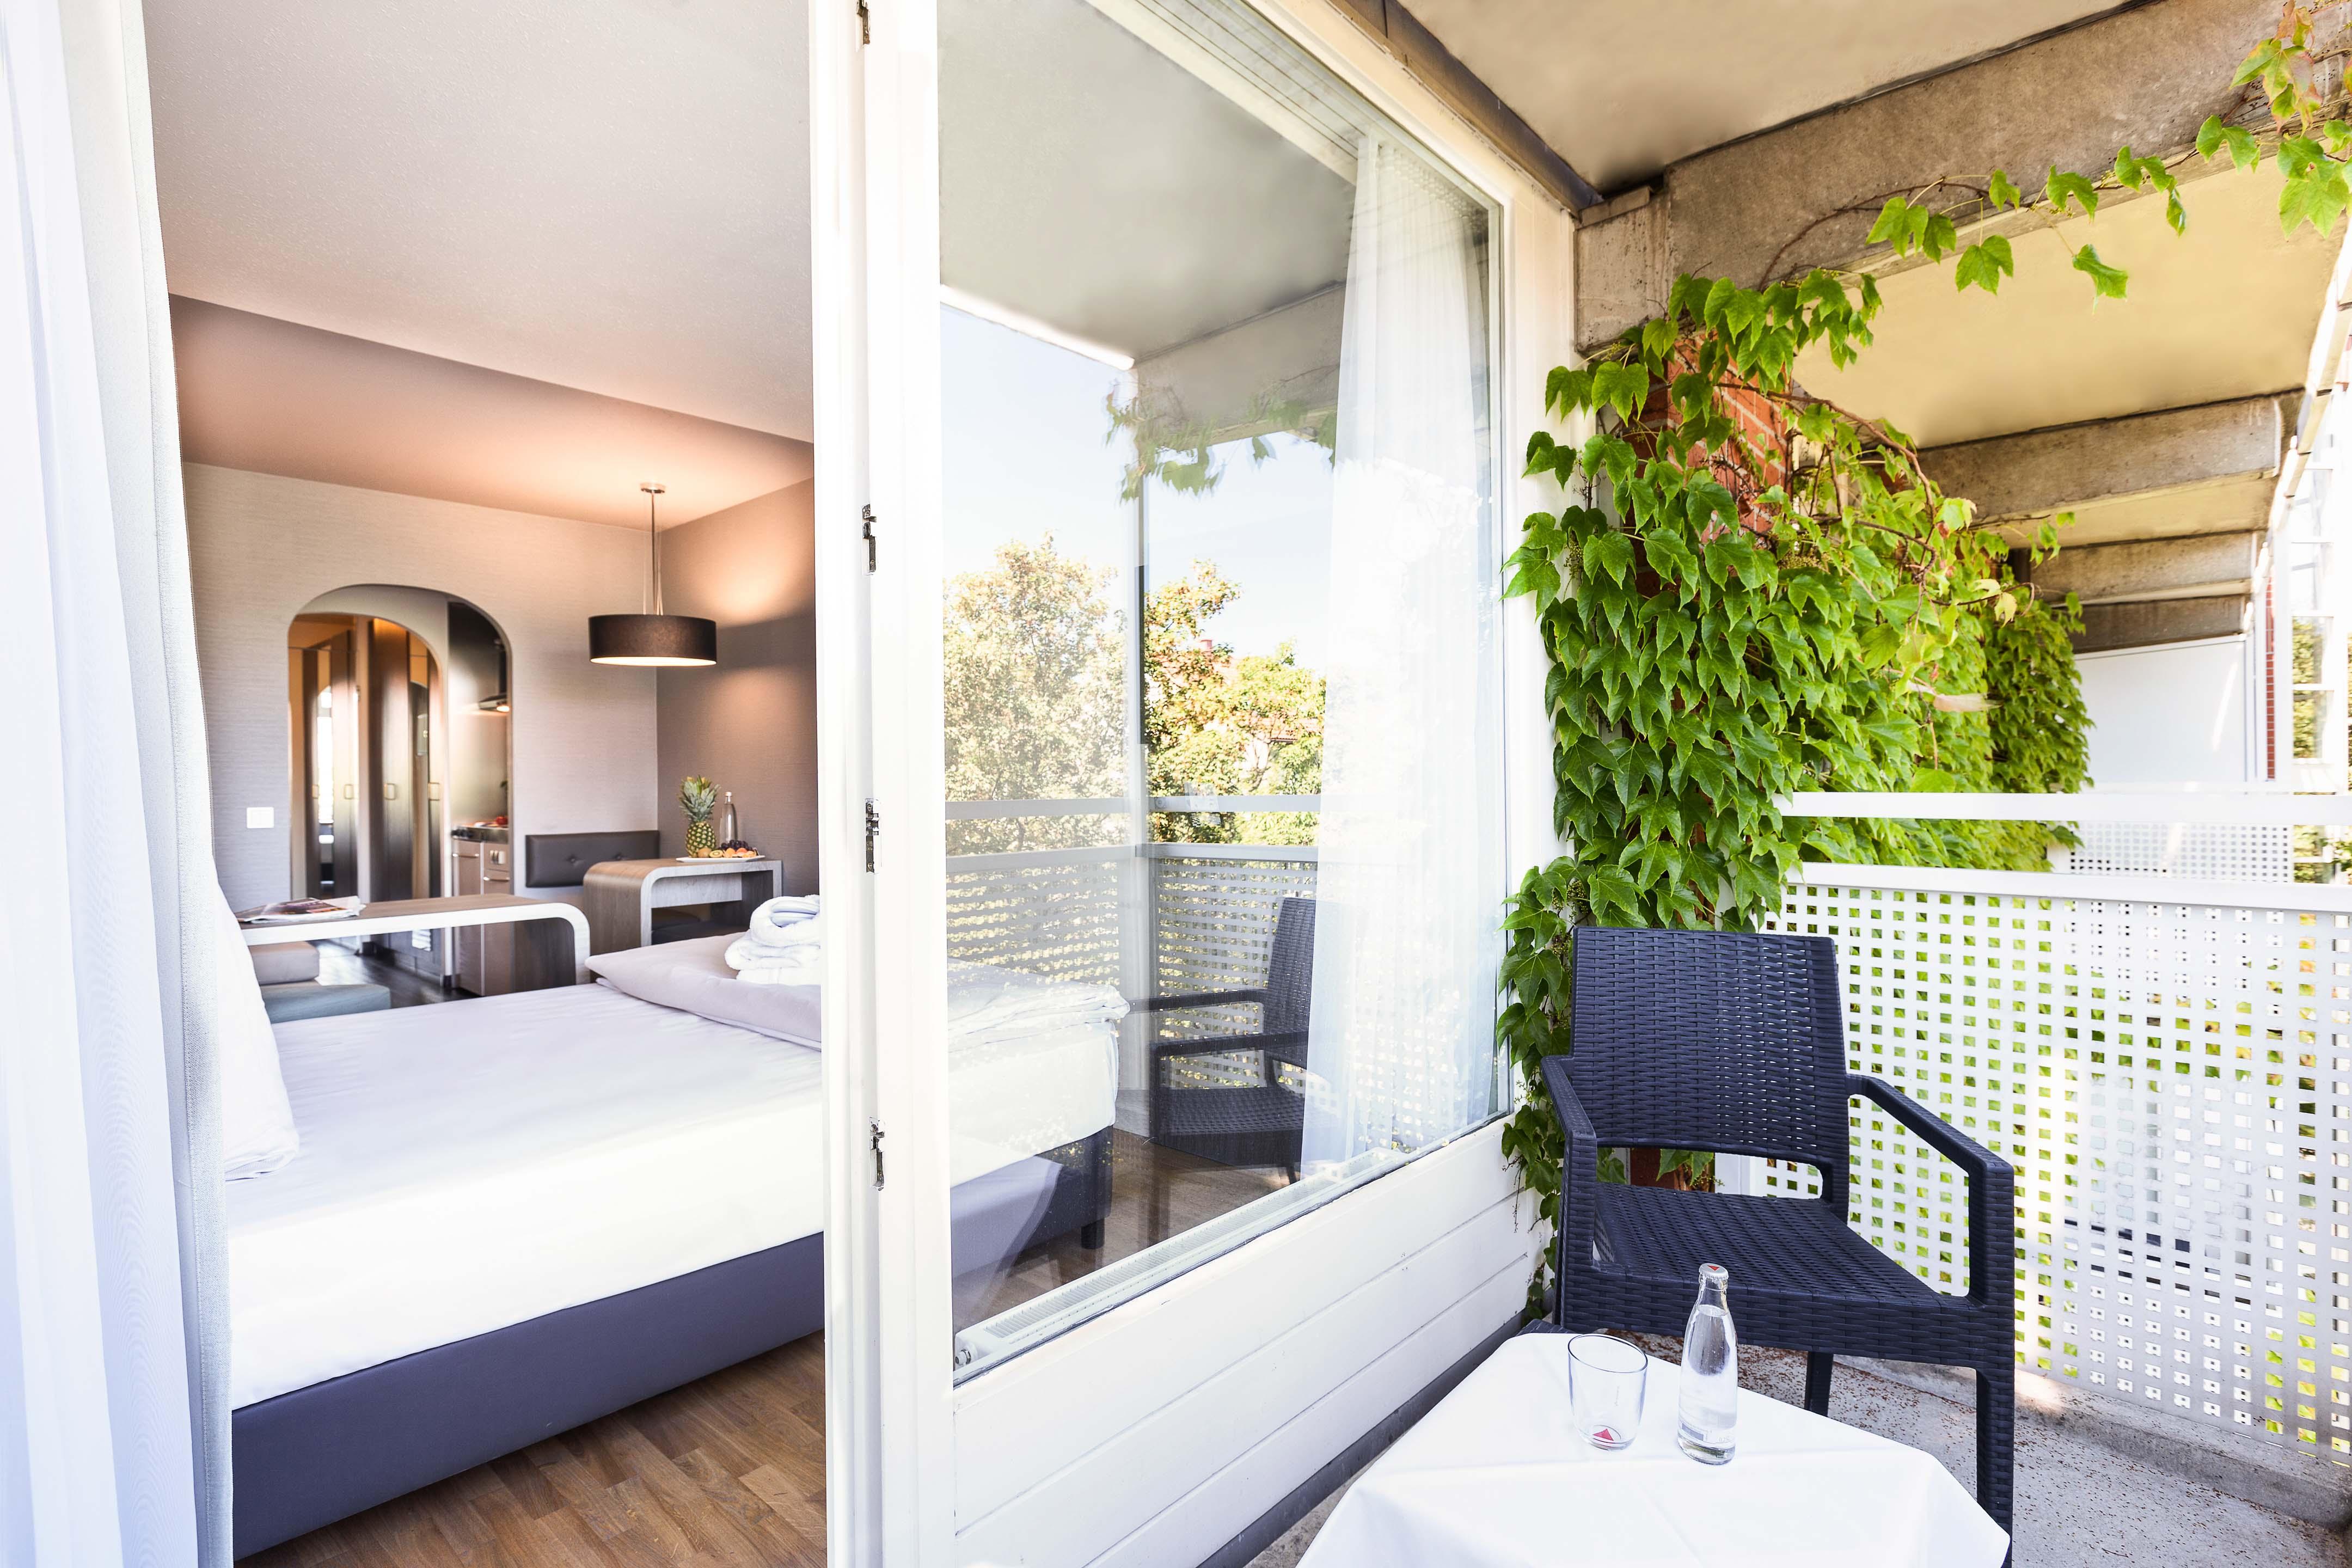 derag livinghotels karl theodor serviced apartments. Black Bedroom Furniture Sets. Home Design Ideas